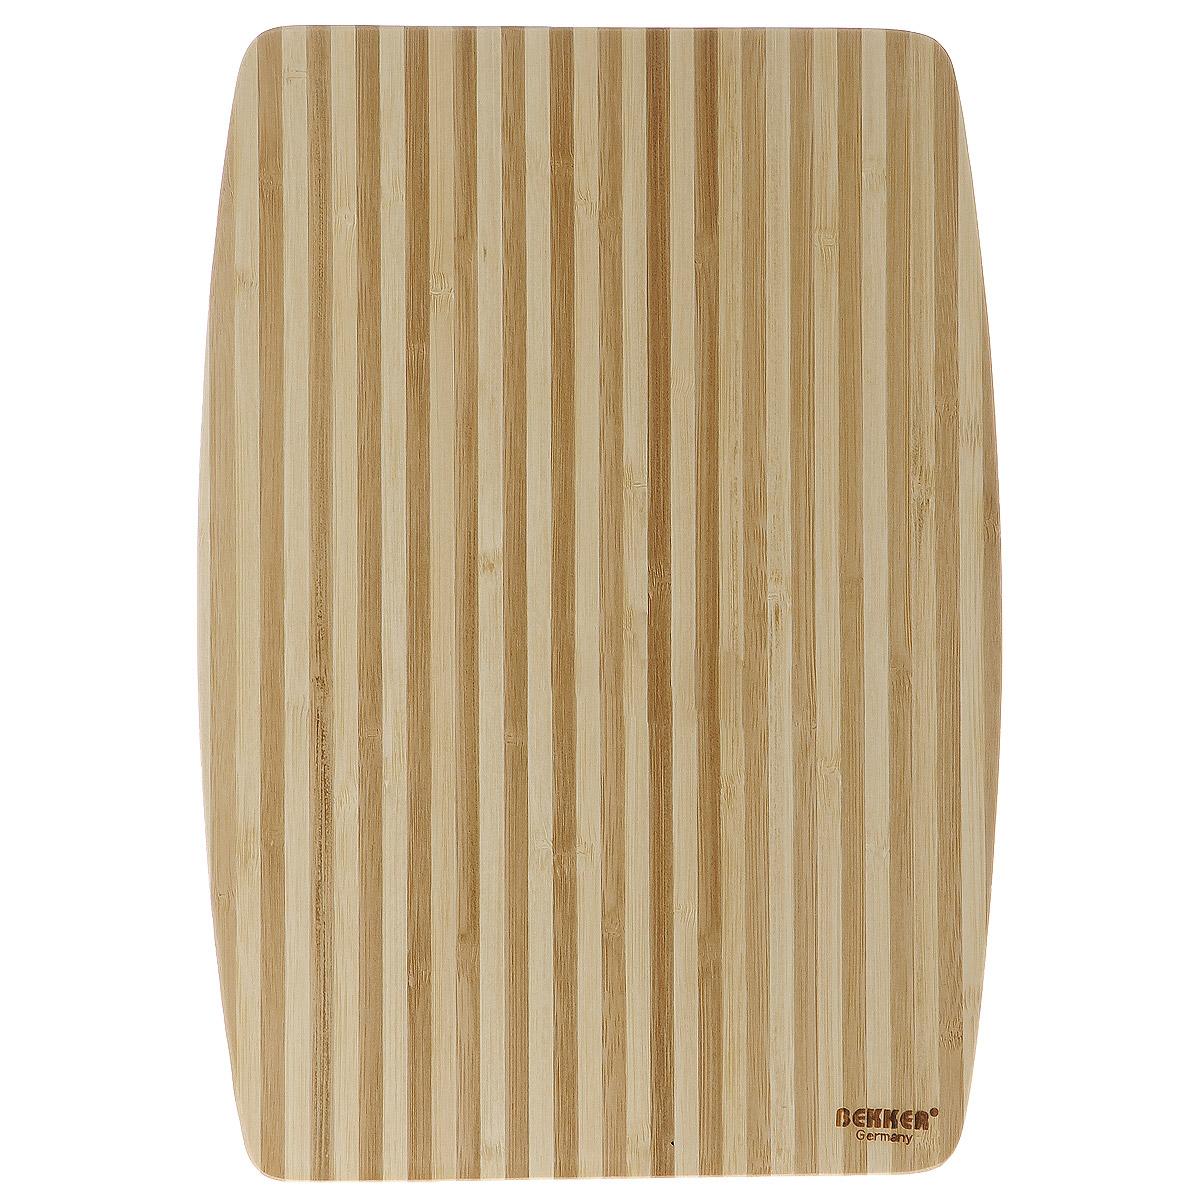 Доска разделочная Bekker, бамбуковая, 34 см х 24 см